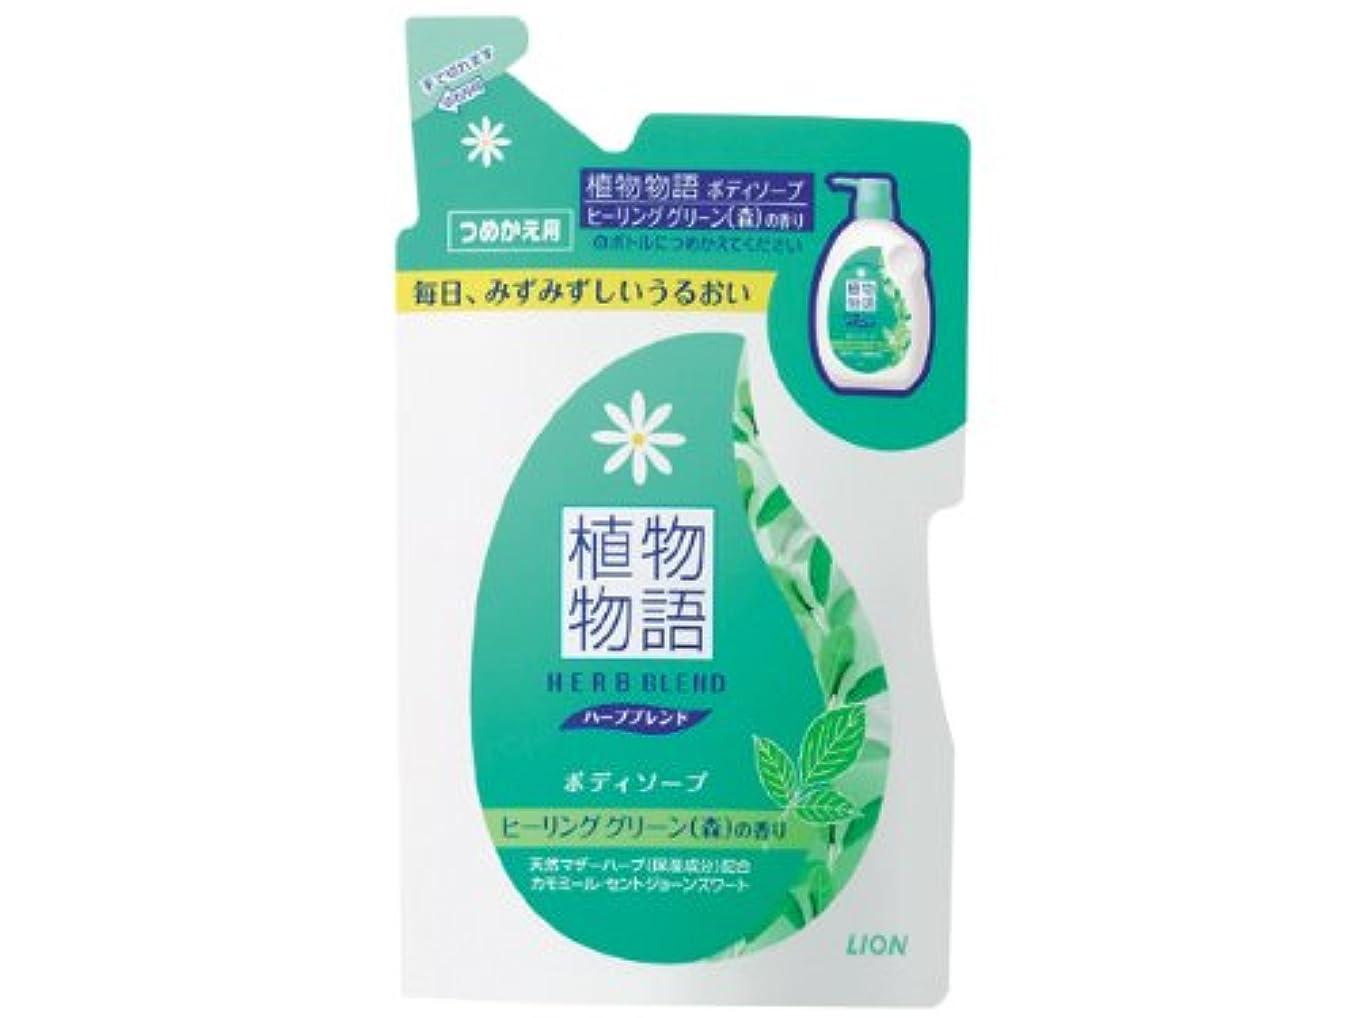 アラブベアリング思い出す植物物語 ハーブブレンド ボディソープ ヒーリンググリーン(森)の香り つめかえ用 420ml